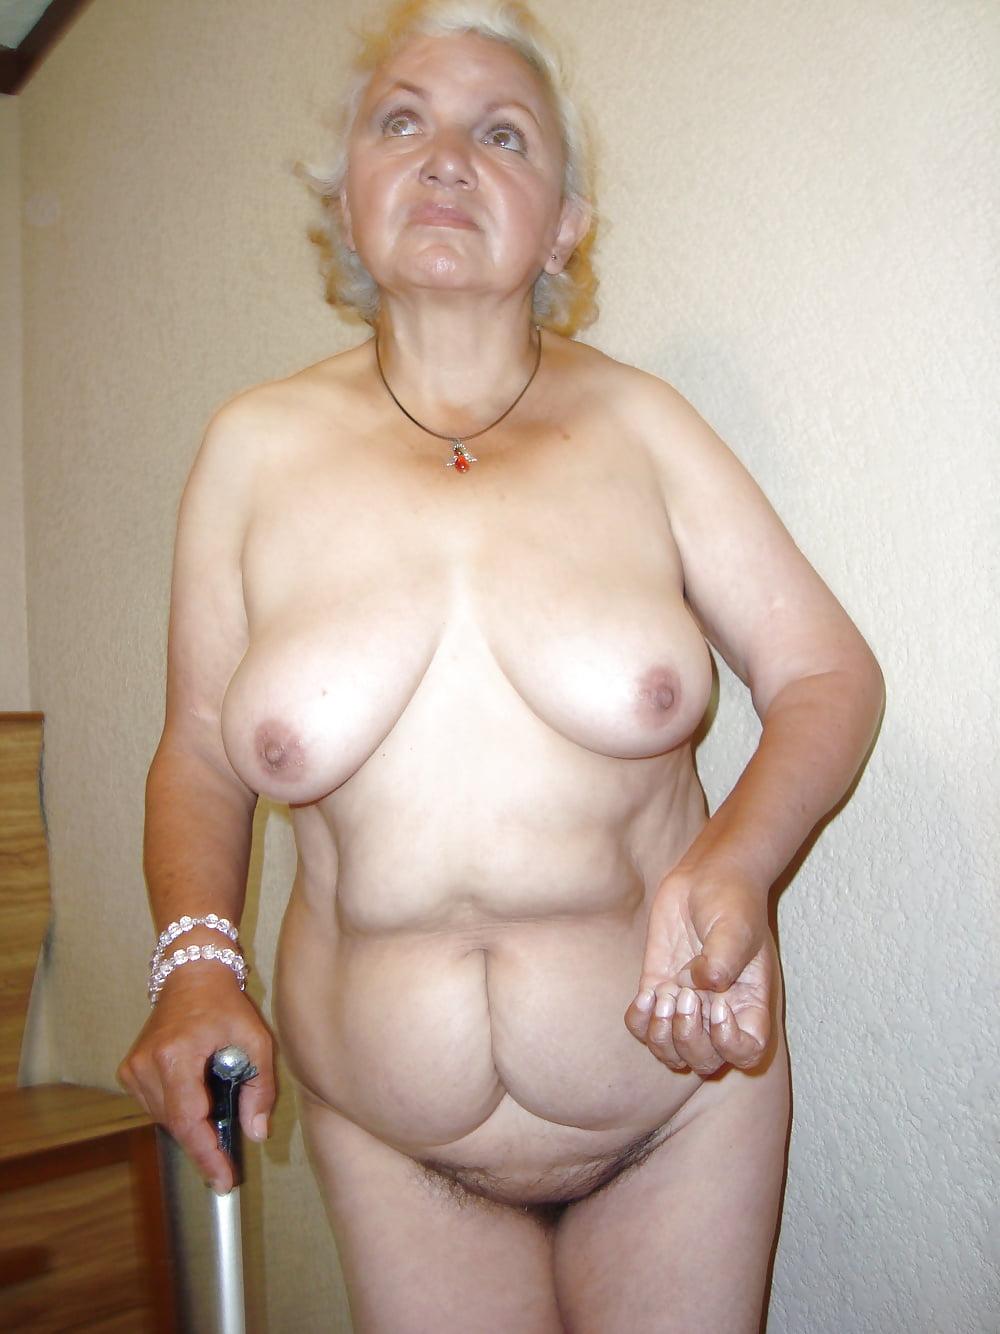 small-naked-granny-fanny-pics-maria-bare-breasts